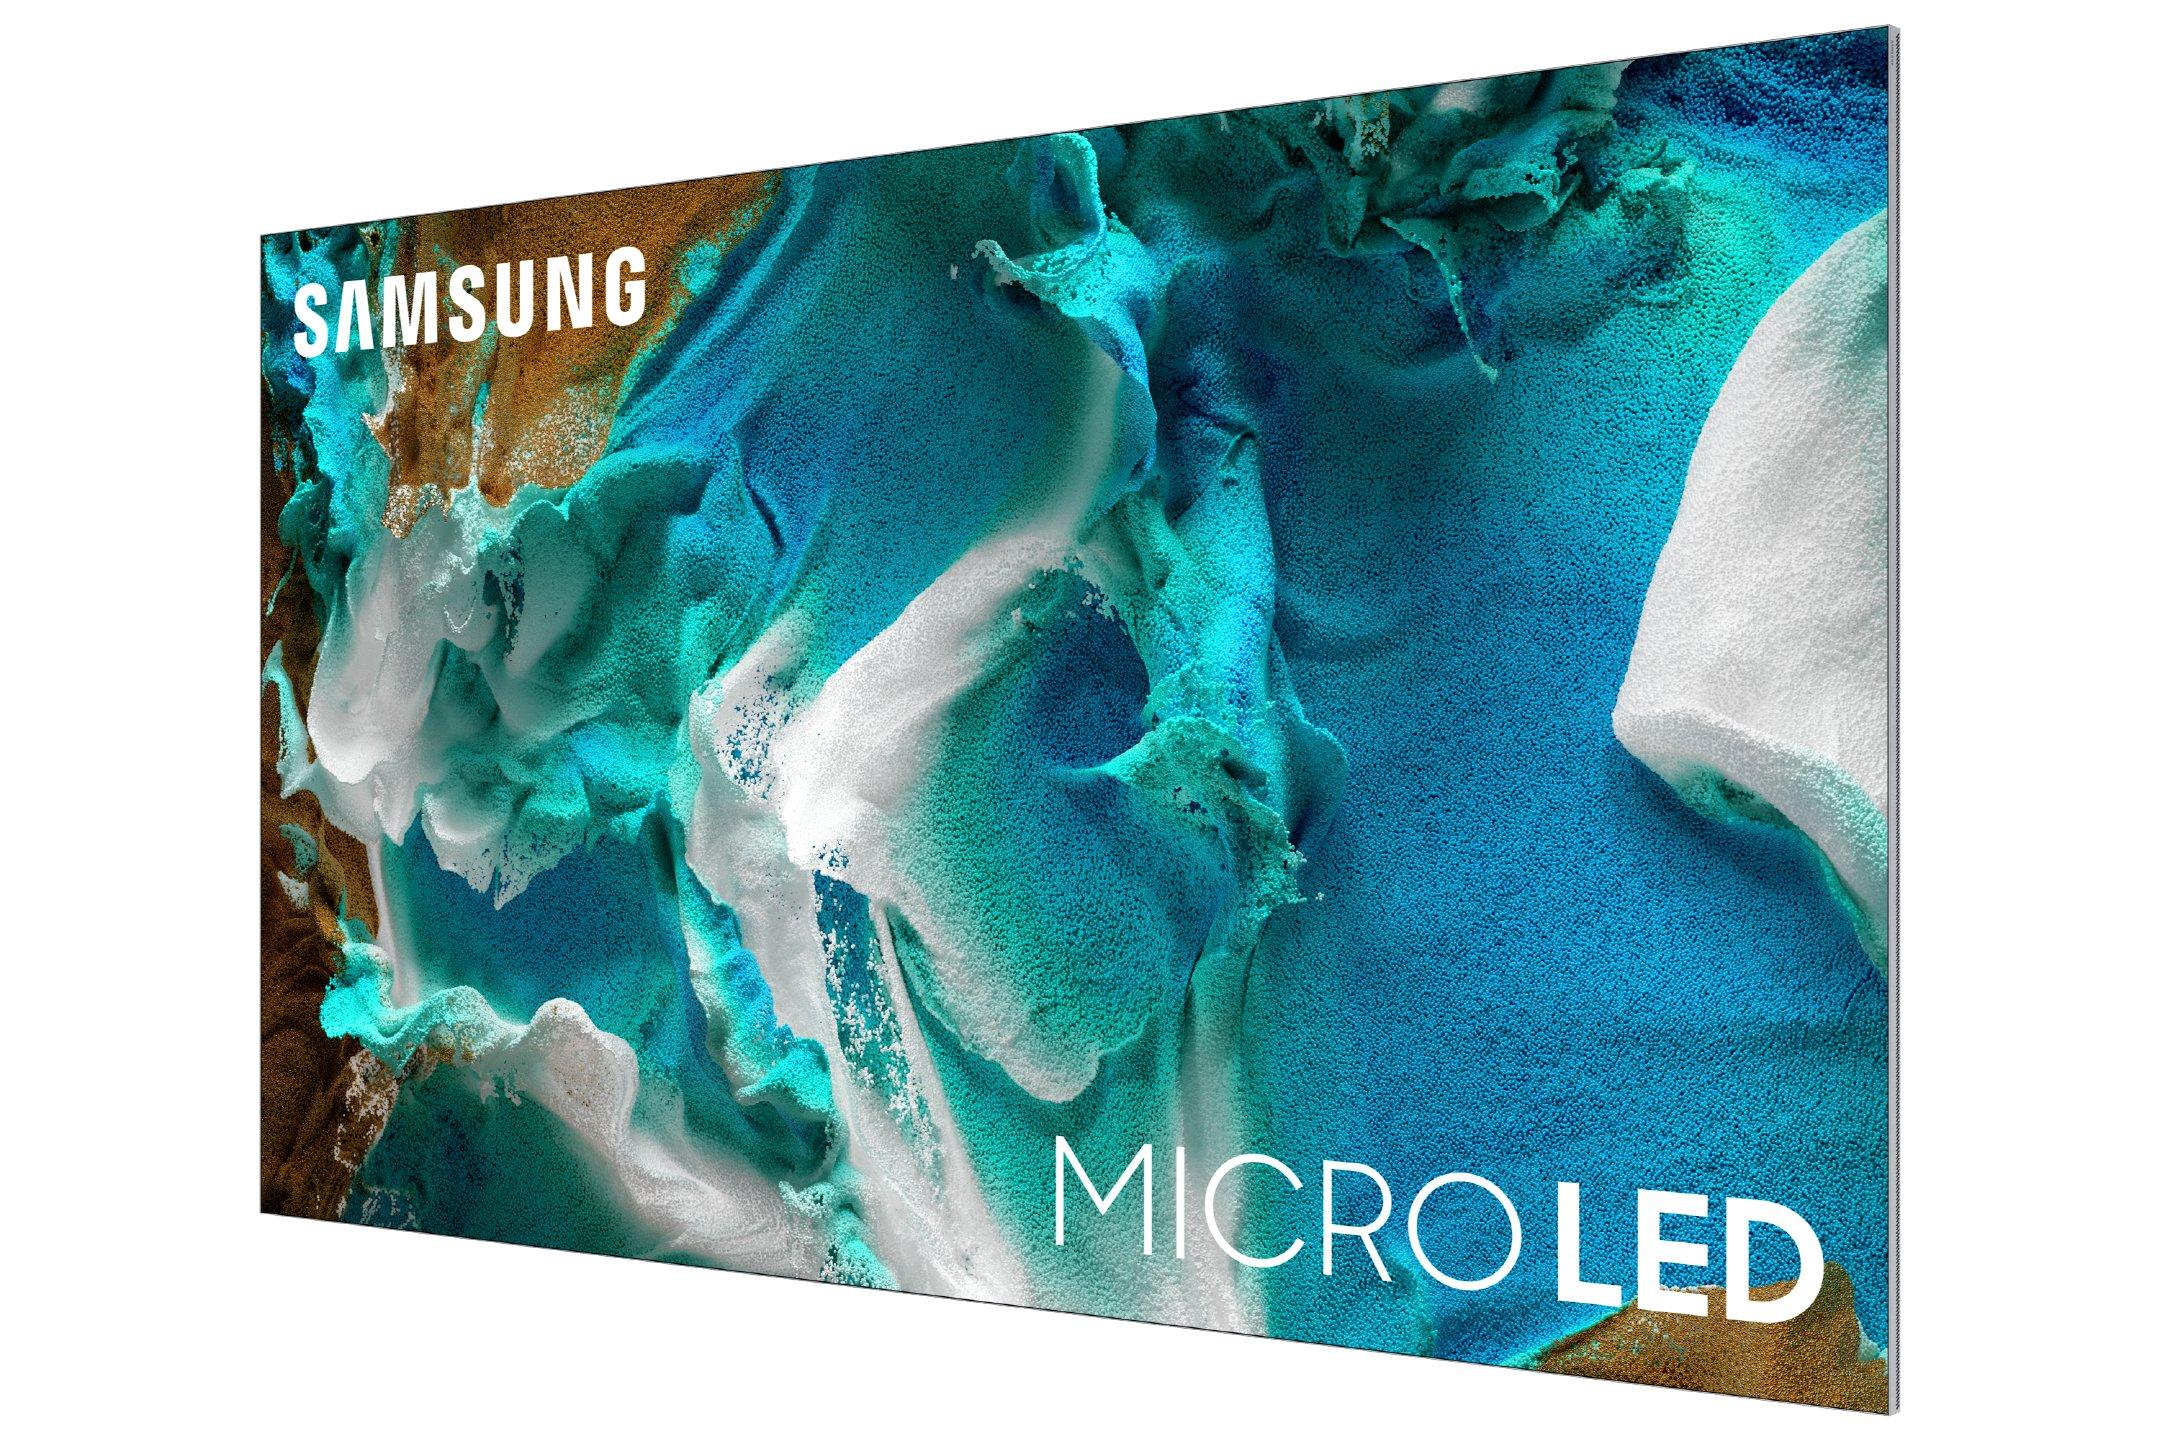 Samsung's microLED panel